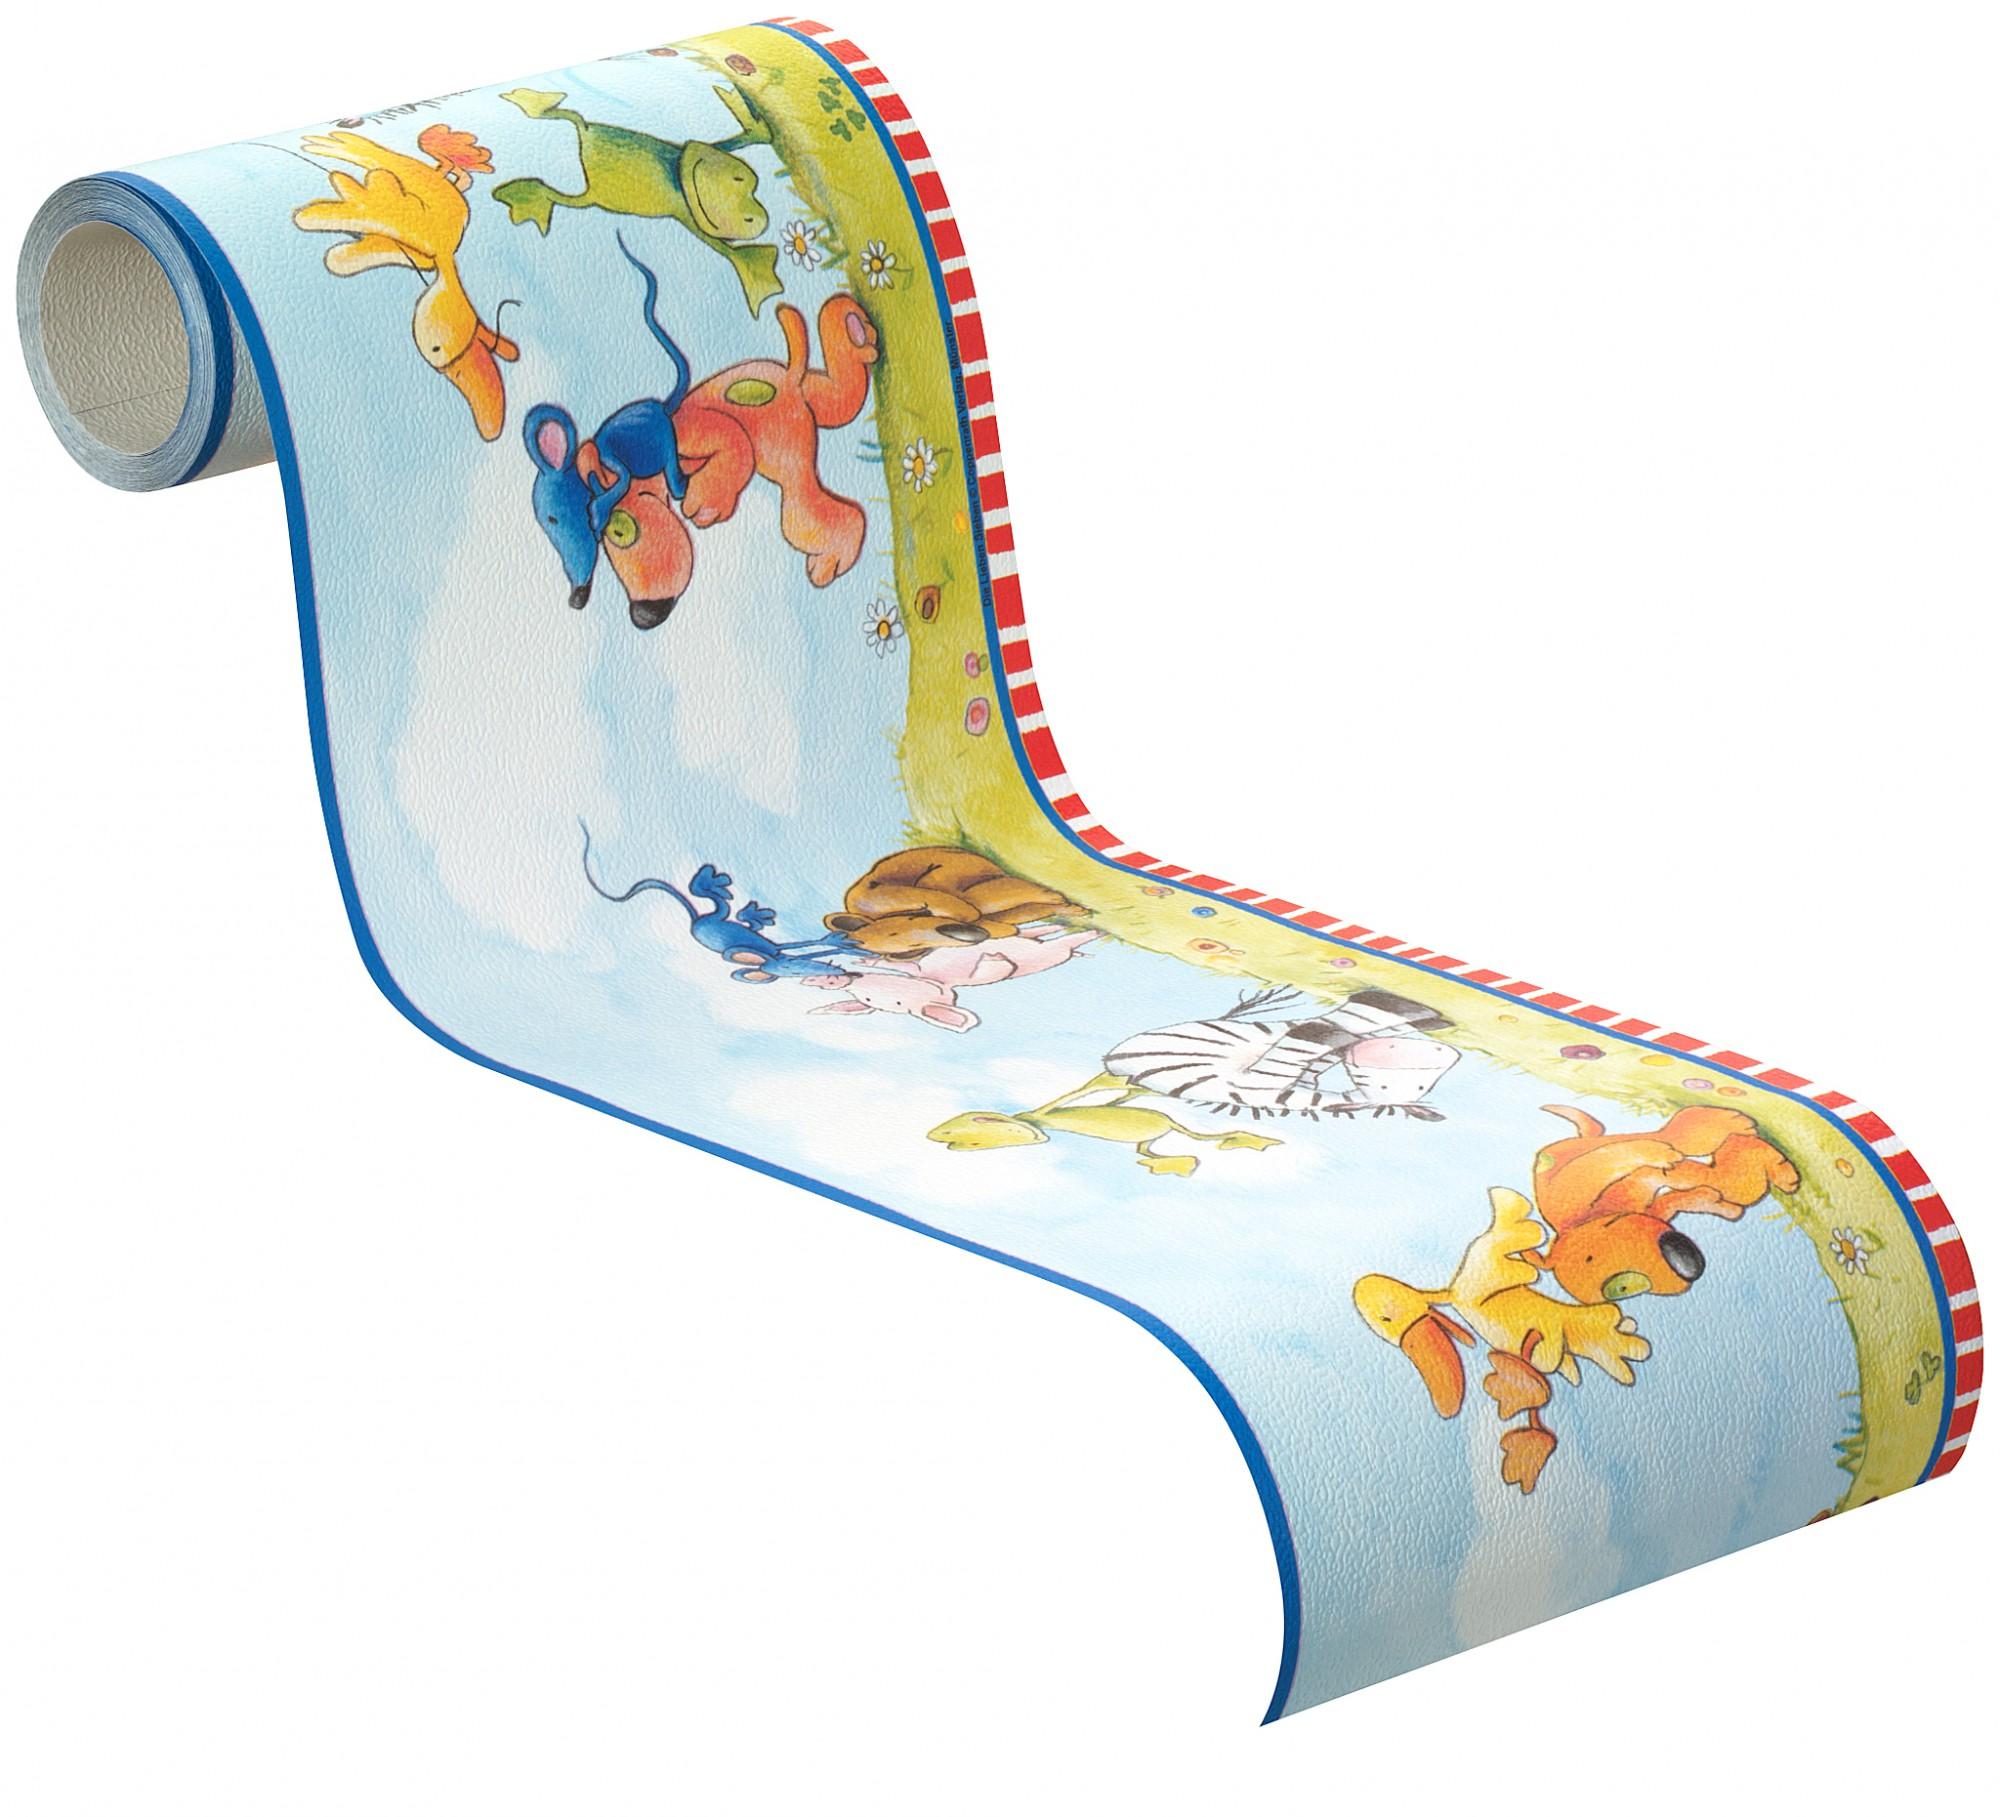 Rasch Tapeten F?r Kinderzimmer : blau bunt Kindertapete Rasch Villa Coppenrath Vol.2 296105 (1 eBay